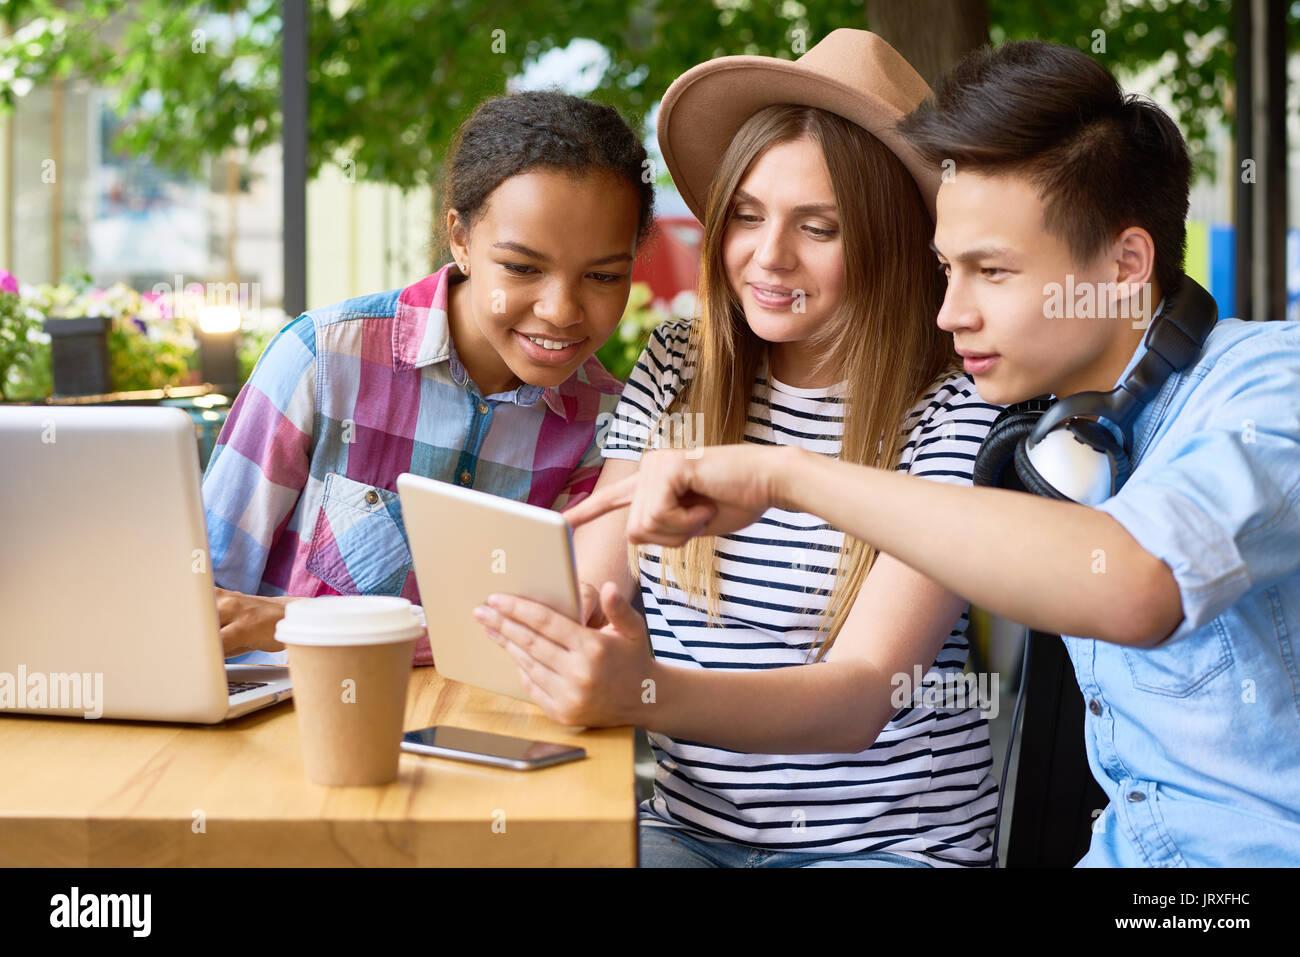 Los jóvenes que utilizan dispositivos modernos en Cafe Imagen De Stock